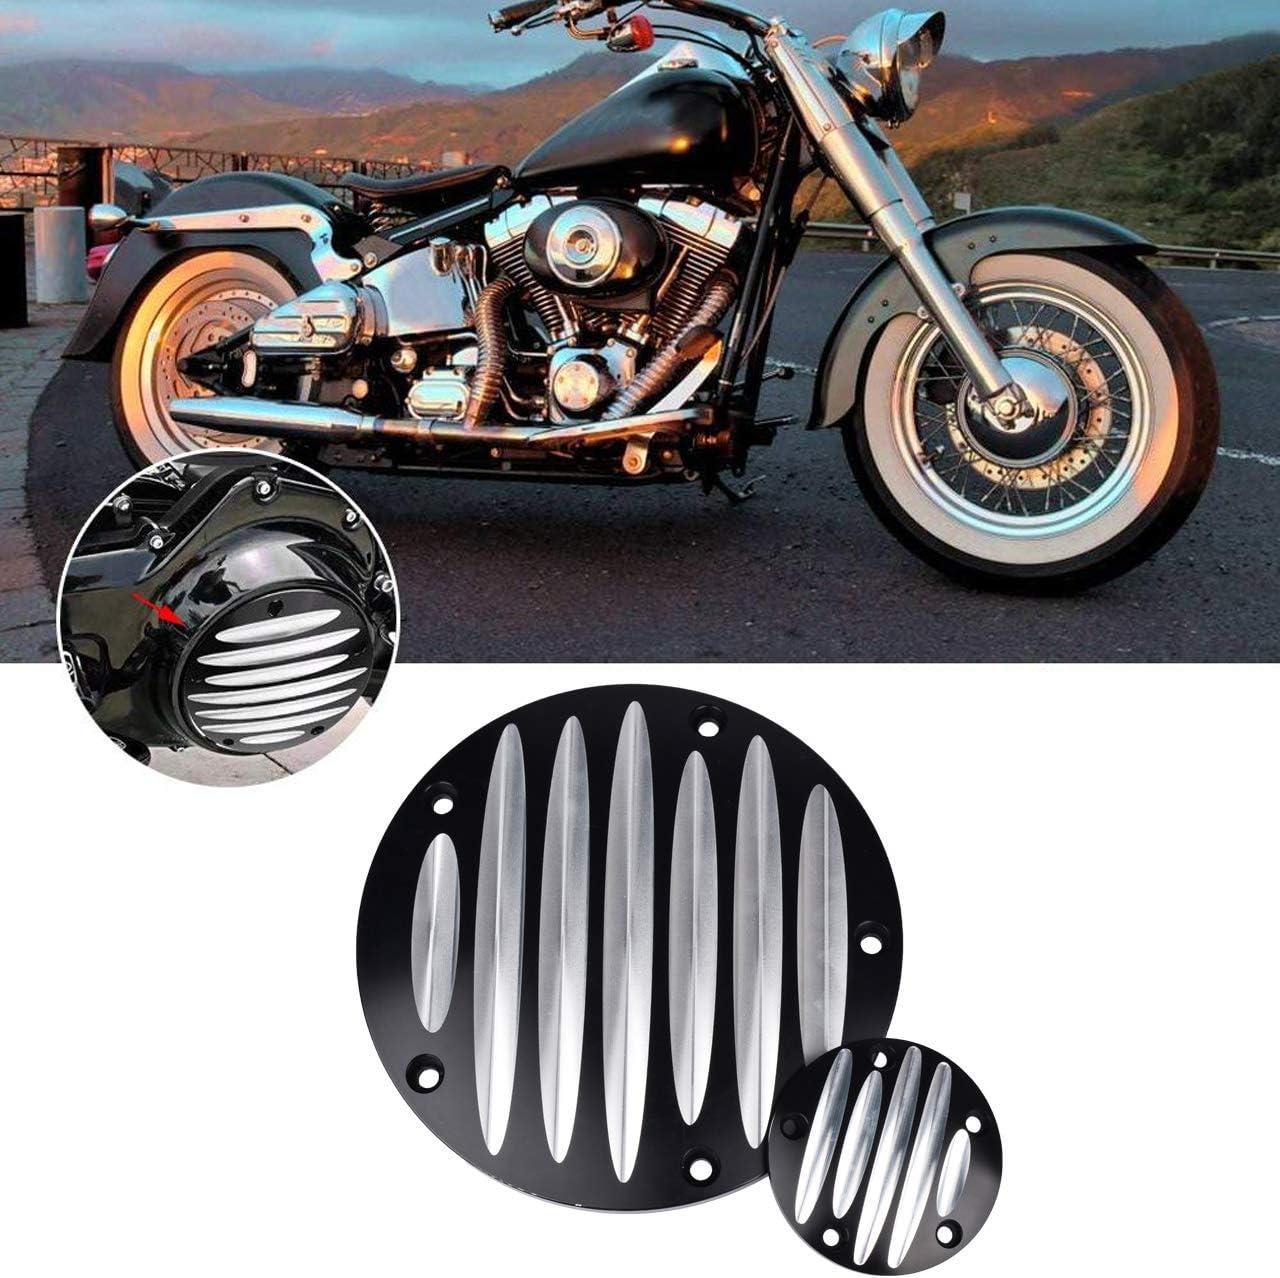 Tuincyn Chrom Motorrad Timing Zubehör Timer Abdeckung Und Punkte Abdeckungen Für Harley Davidson Touring Flhr Flstf Fxd Fld Dyna 1 Stück Auto